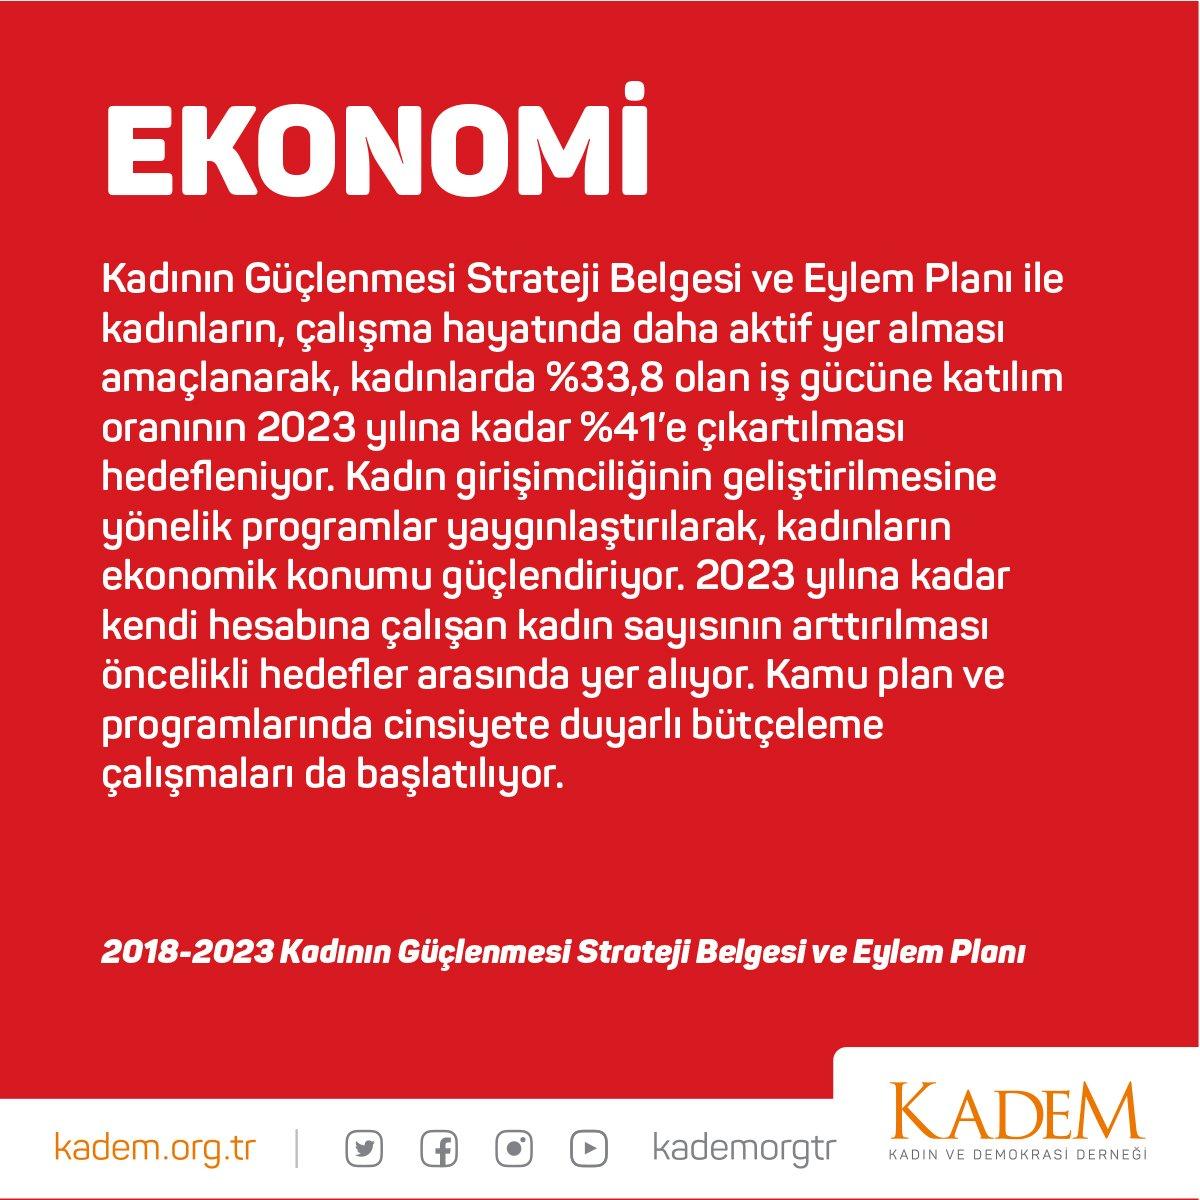 30 kadın KADEM desteği ile siyaset sertifikası aldı